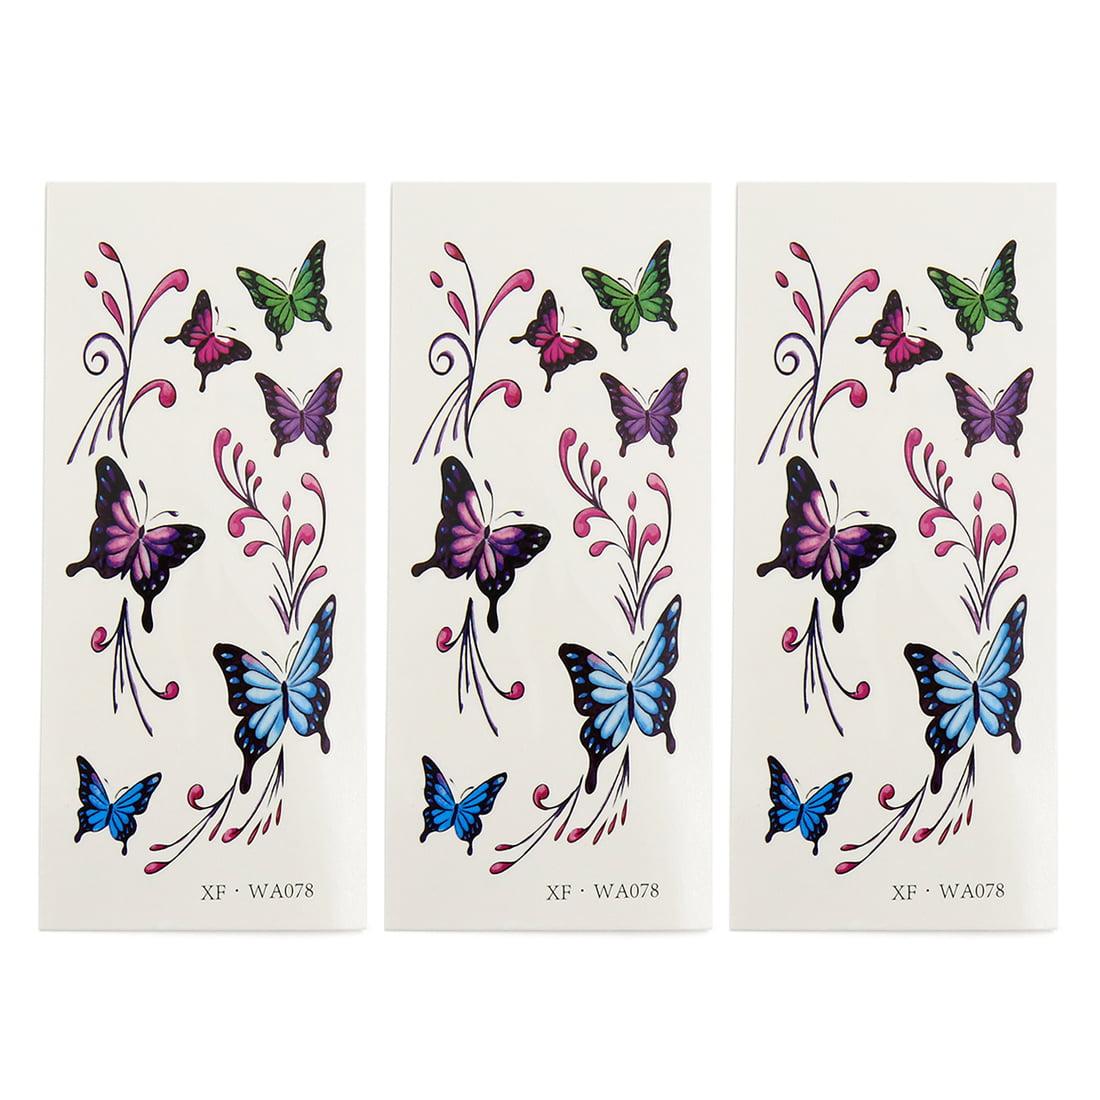 3 pcs butterflies pattern temporary tattoo sticker neck arm leg decor